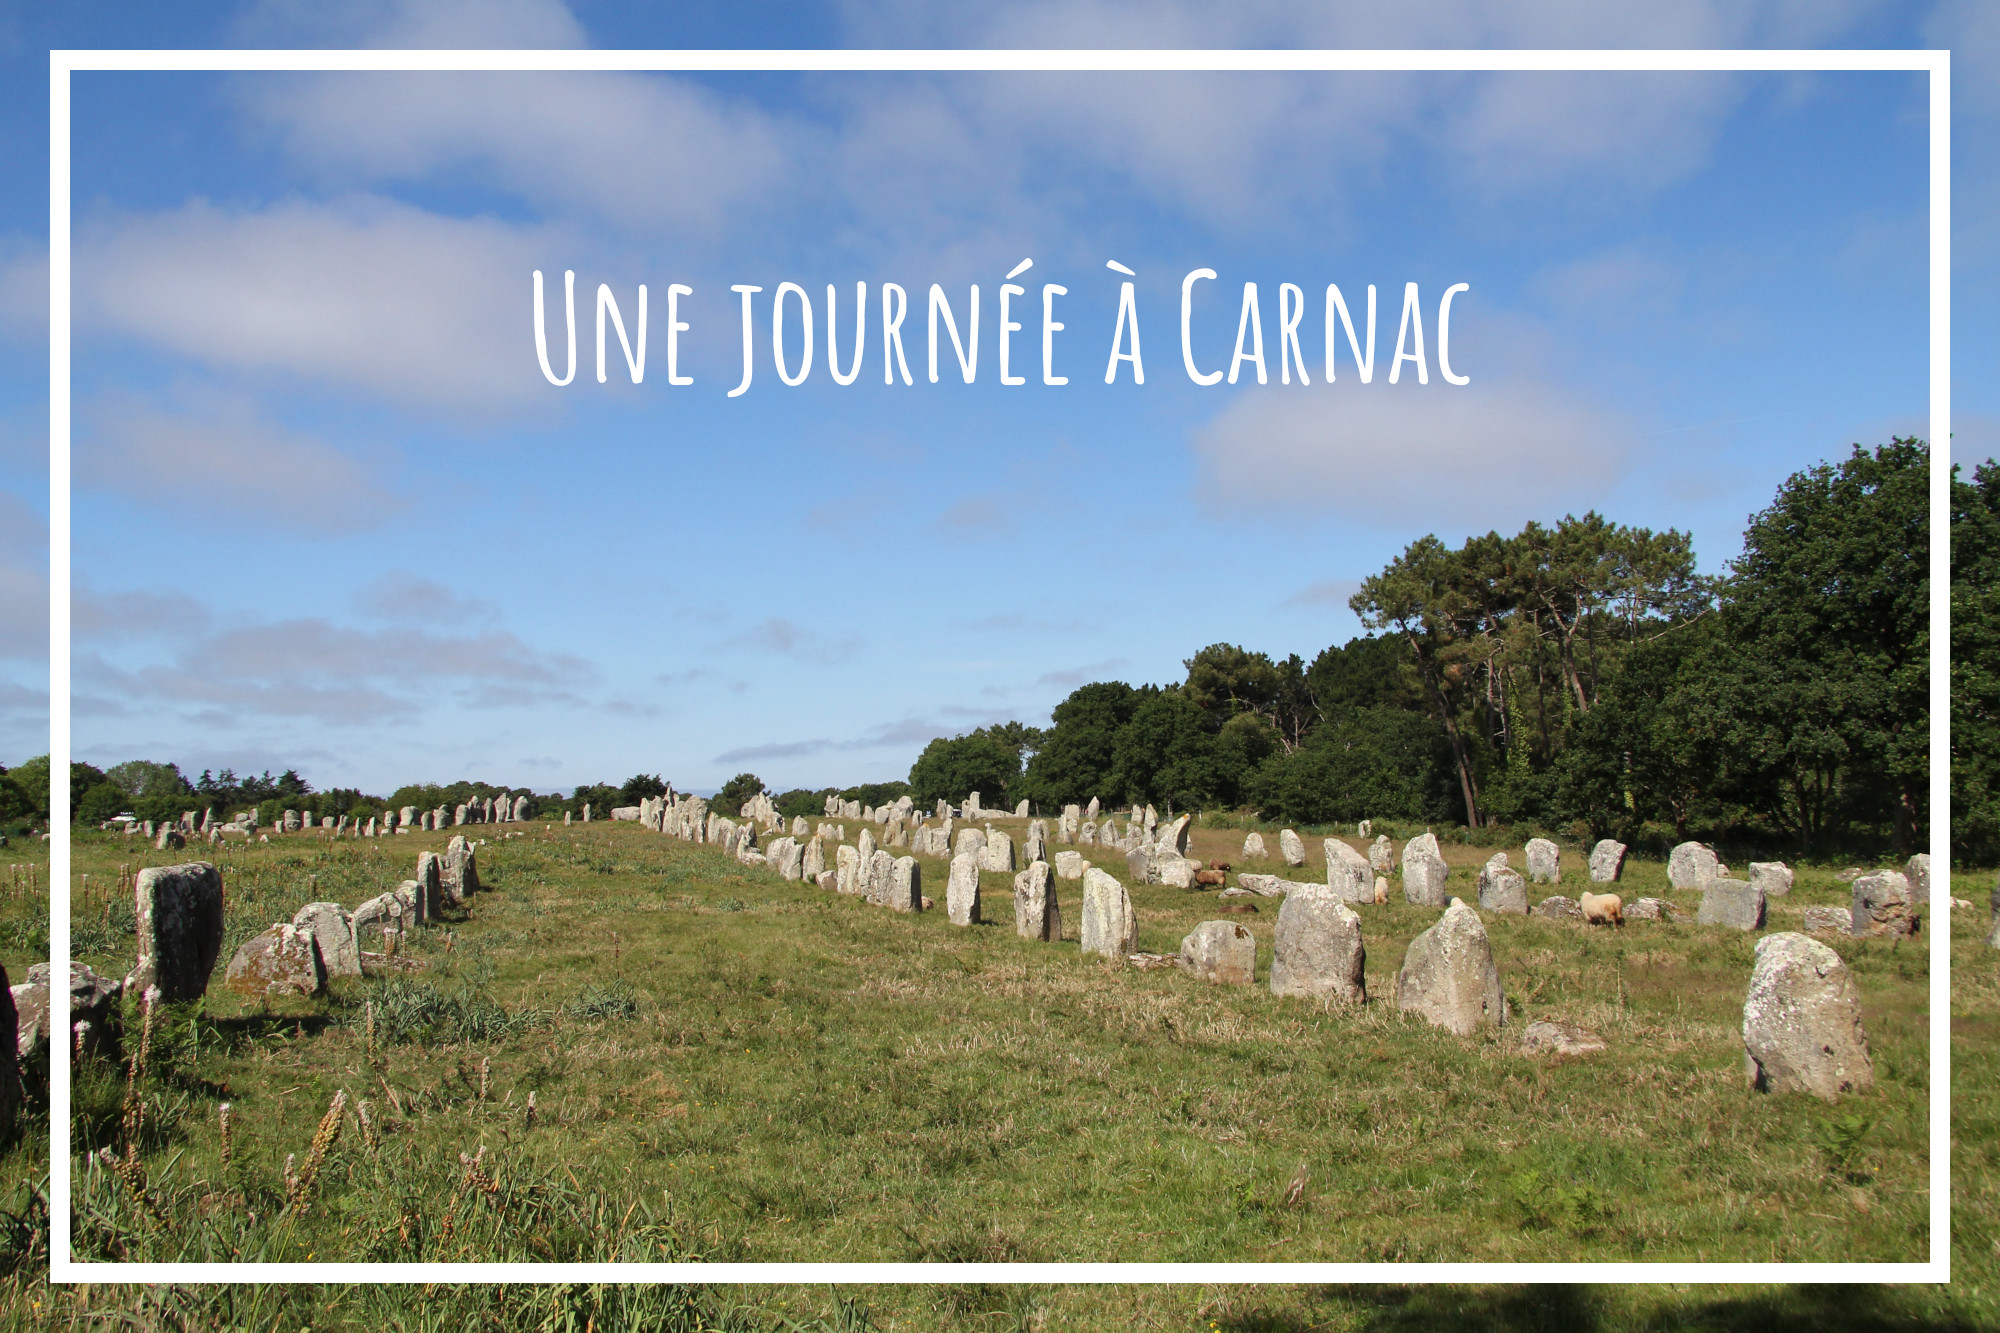 Une journée à Carnac